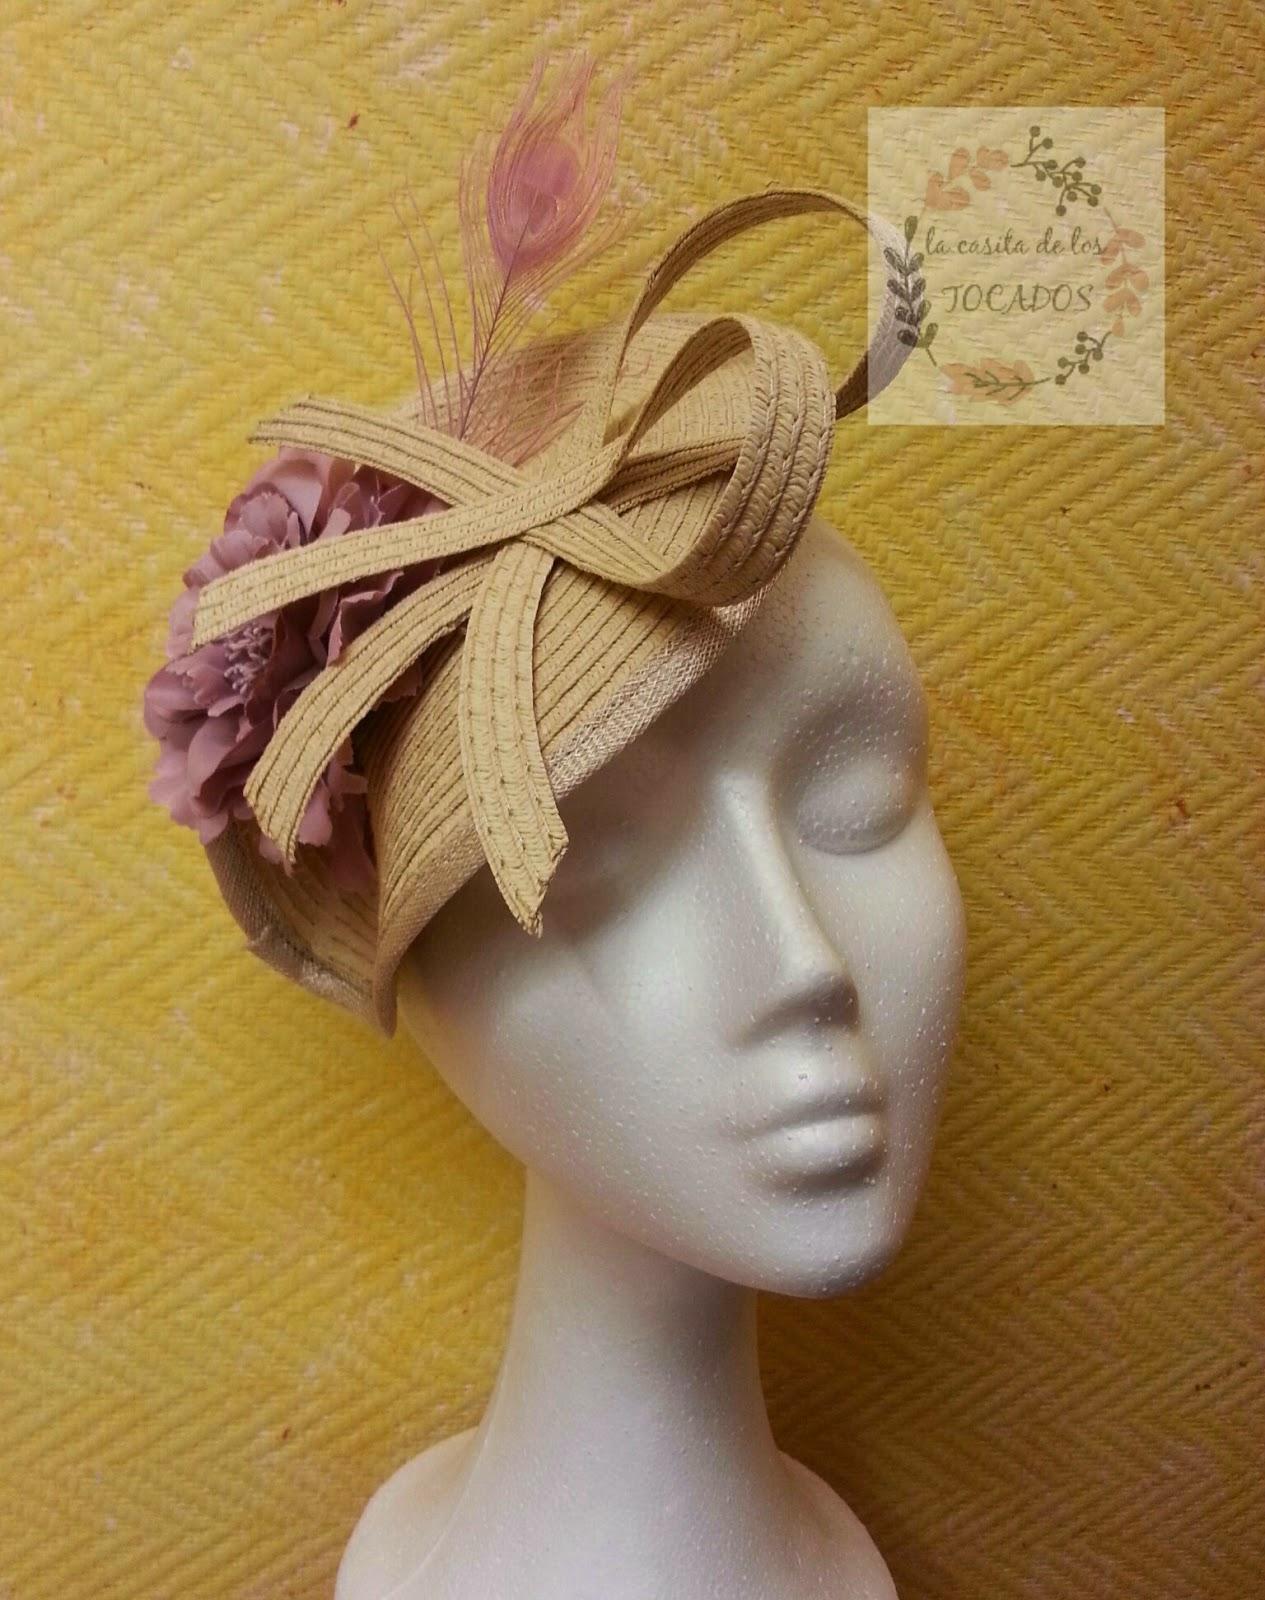 tocado con base de paja sintética en color natural o beige, con adornos del mismo material a modo de lazo, flor clavel y pluma de pavo real